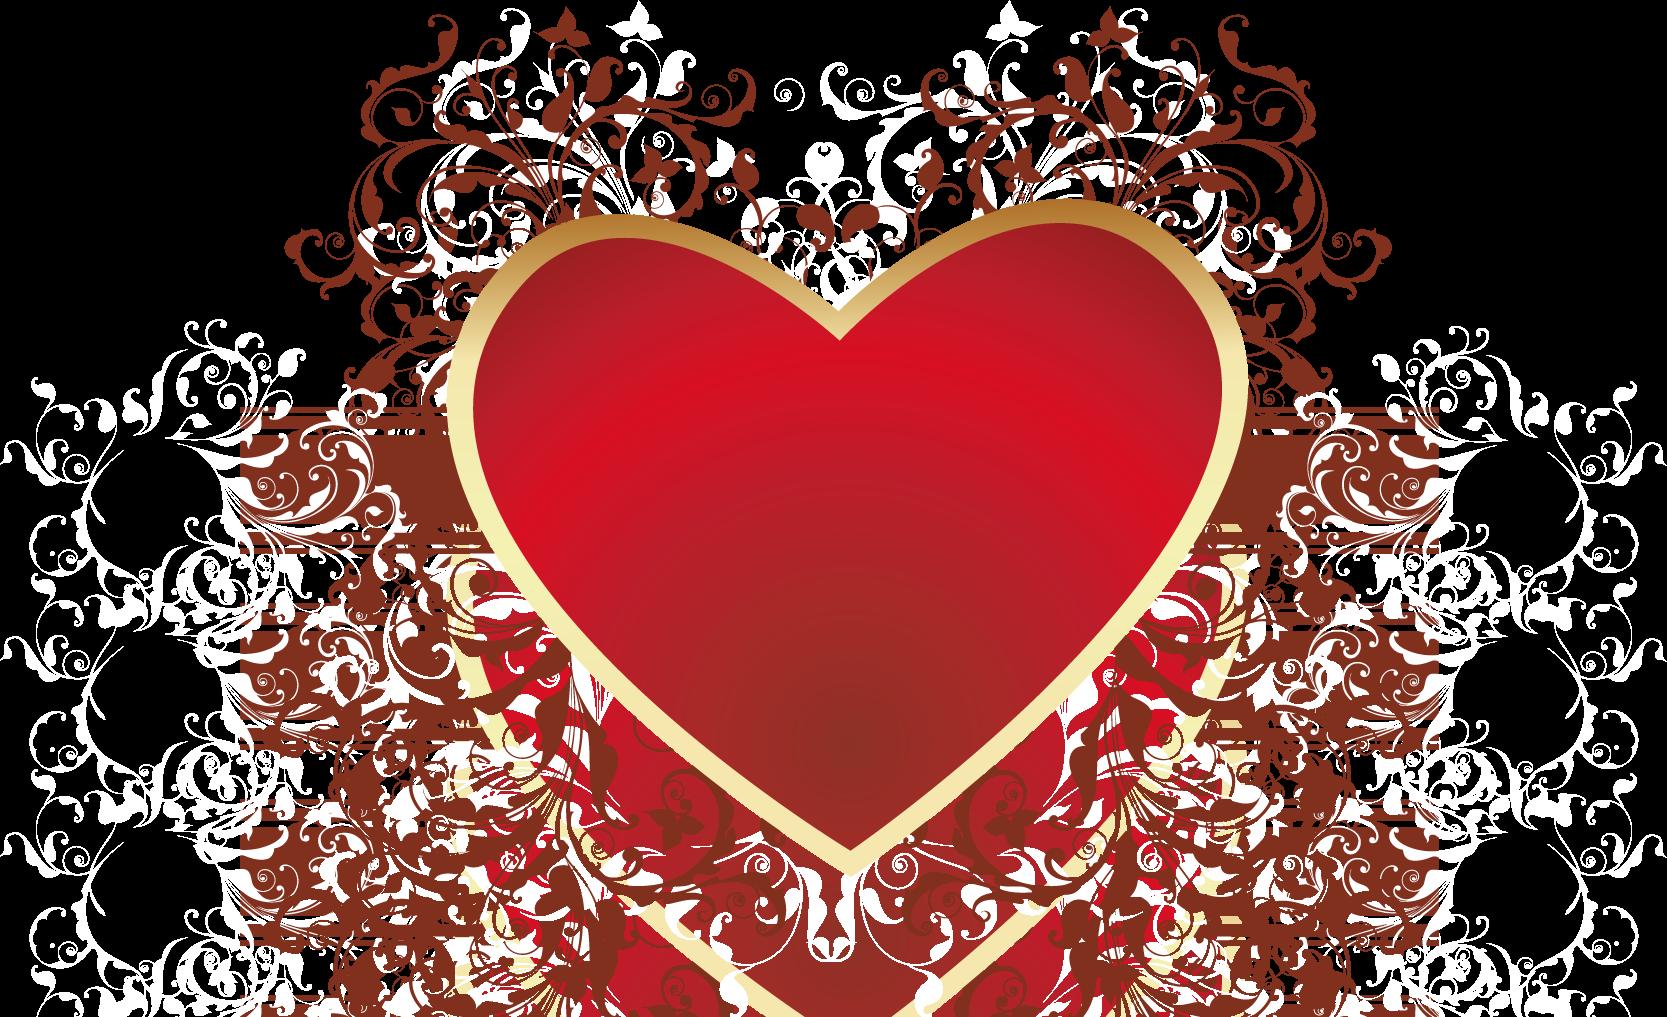 Узоры с сердечками фото